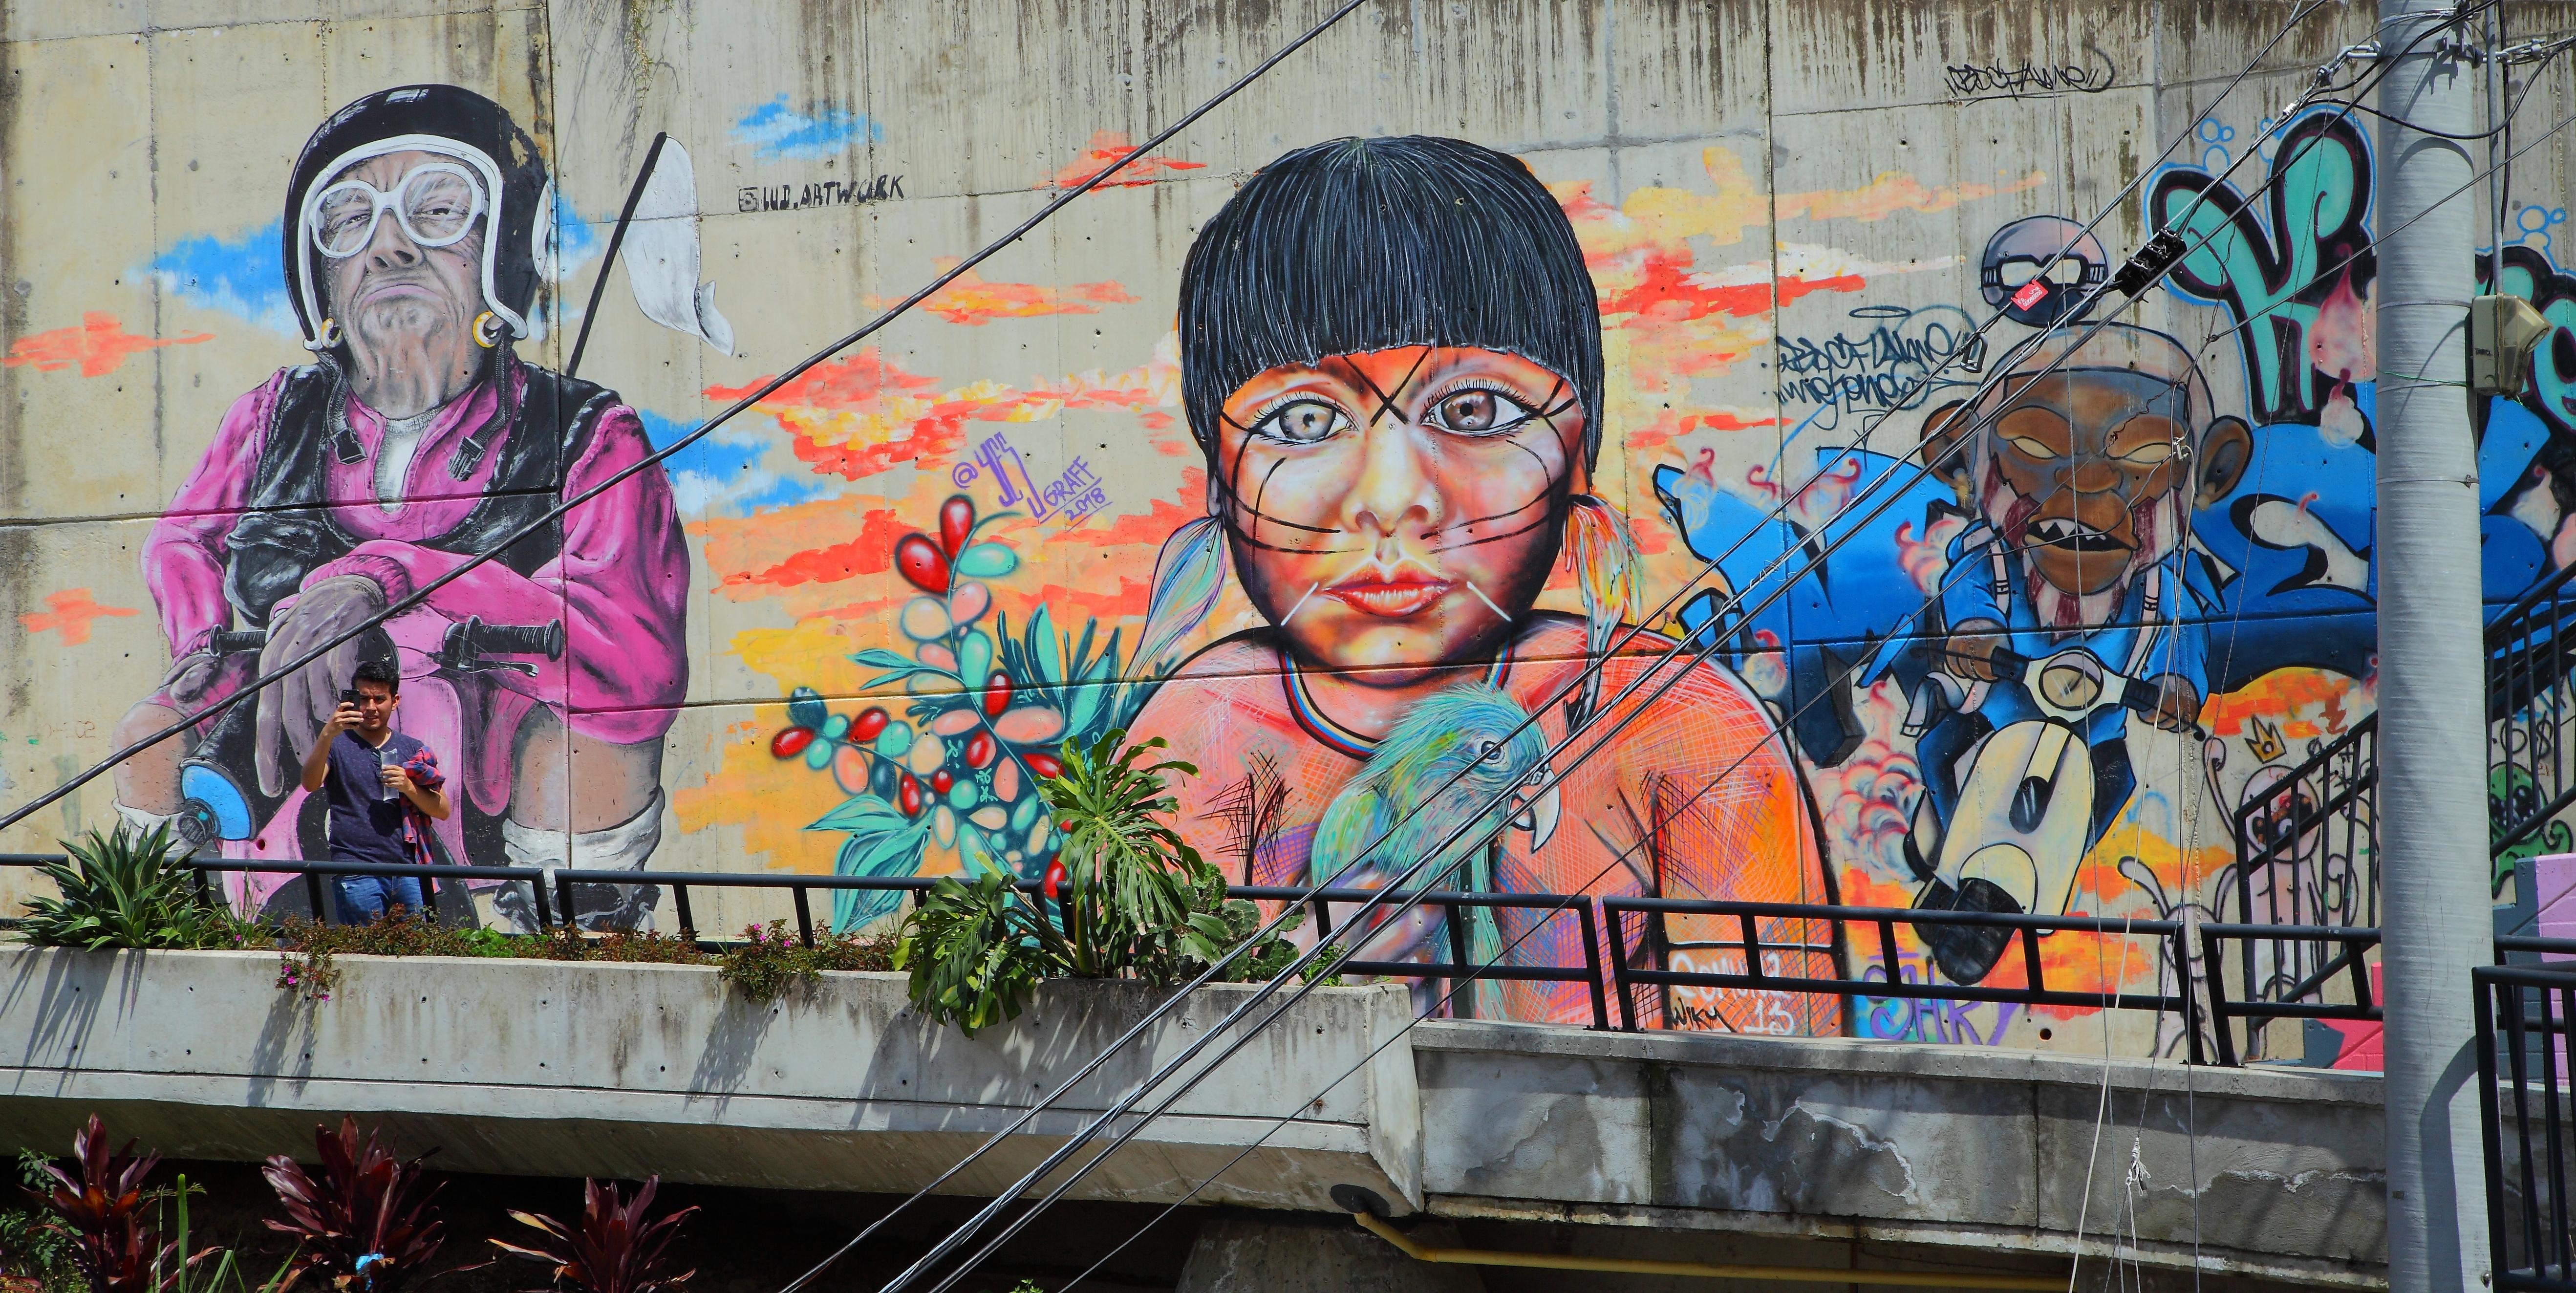 Tan solo en los últimos tres años, el Graffitour de la Comuna 13, ha llevado más de 20.000 turistas extranjeros. Foto: Óscar Tobón